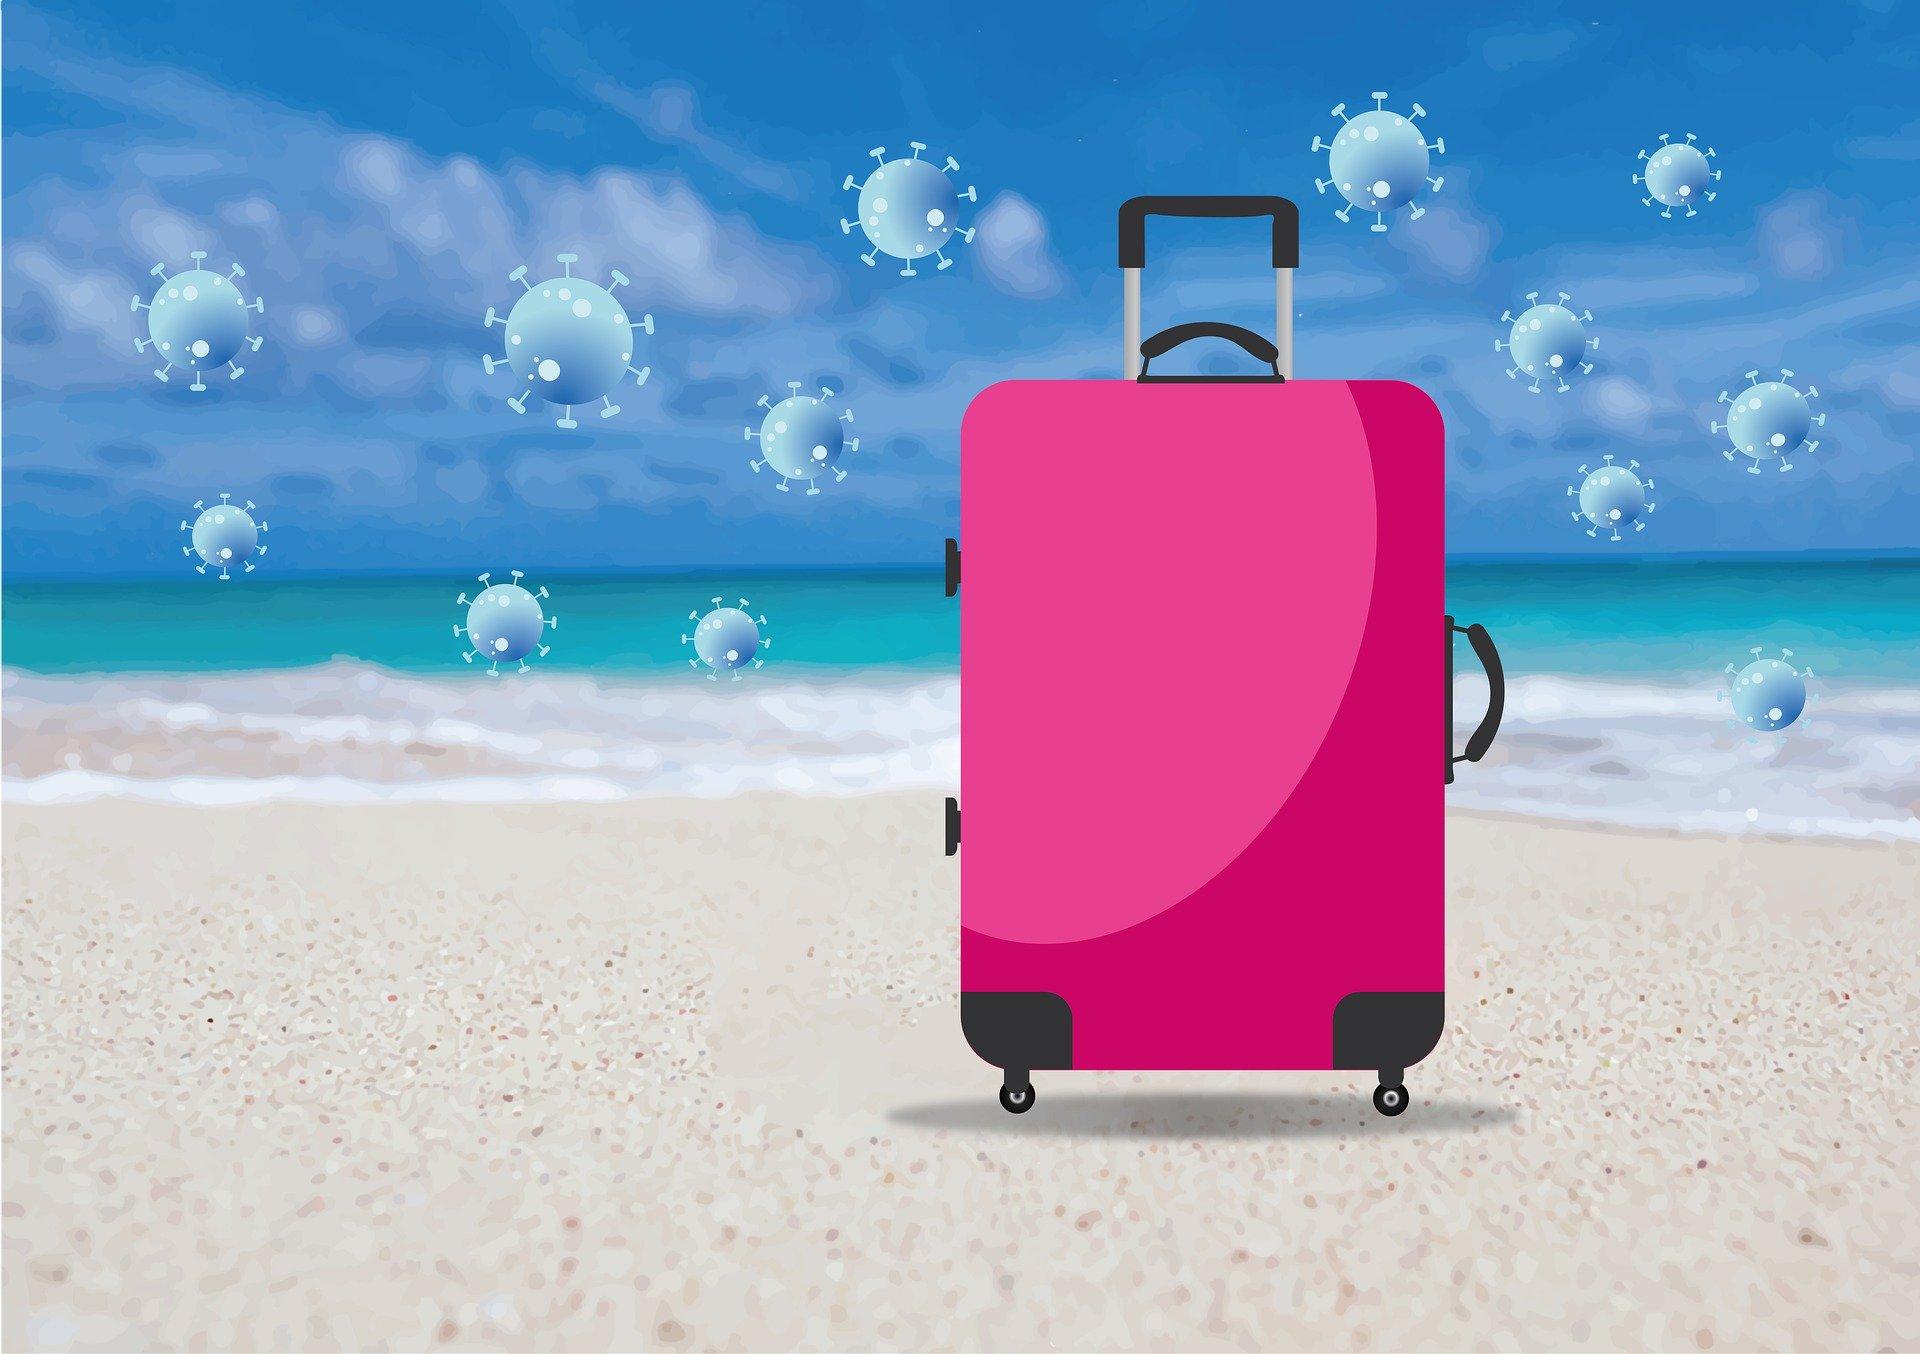 Vakantie in Corona tijd